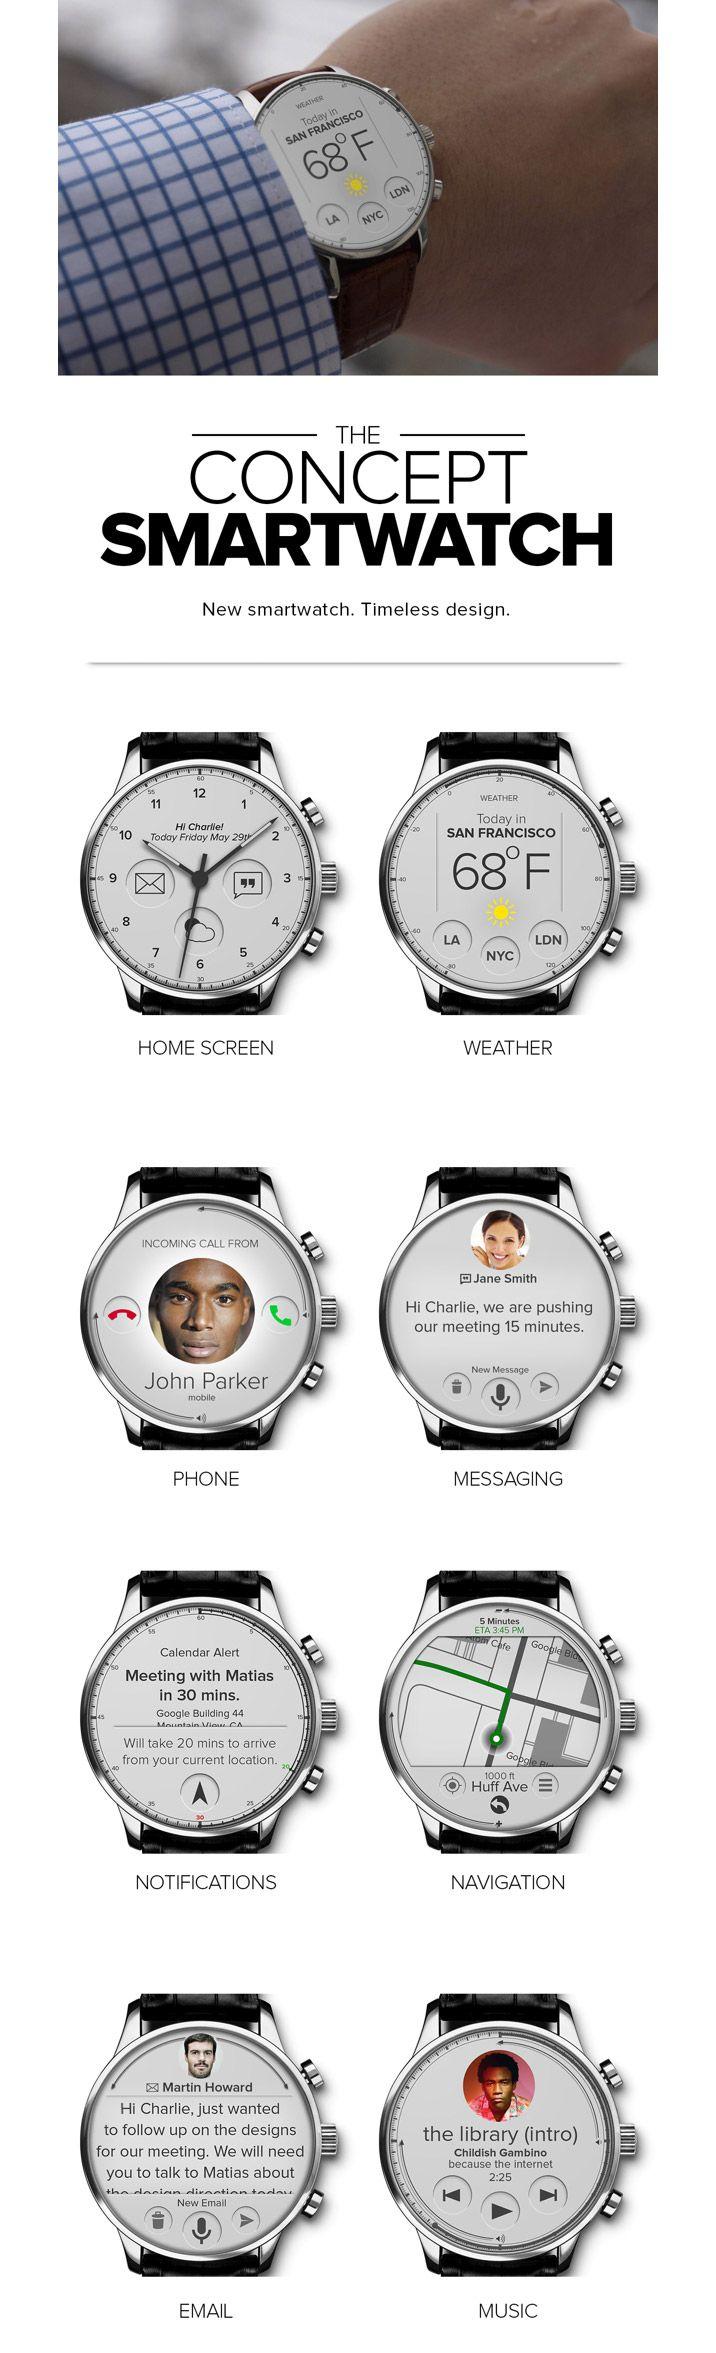 Smartwatch UI concept http://www.cssdesignawards.com/articles/23-smartwatch-ui-designs-concepts/114/